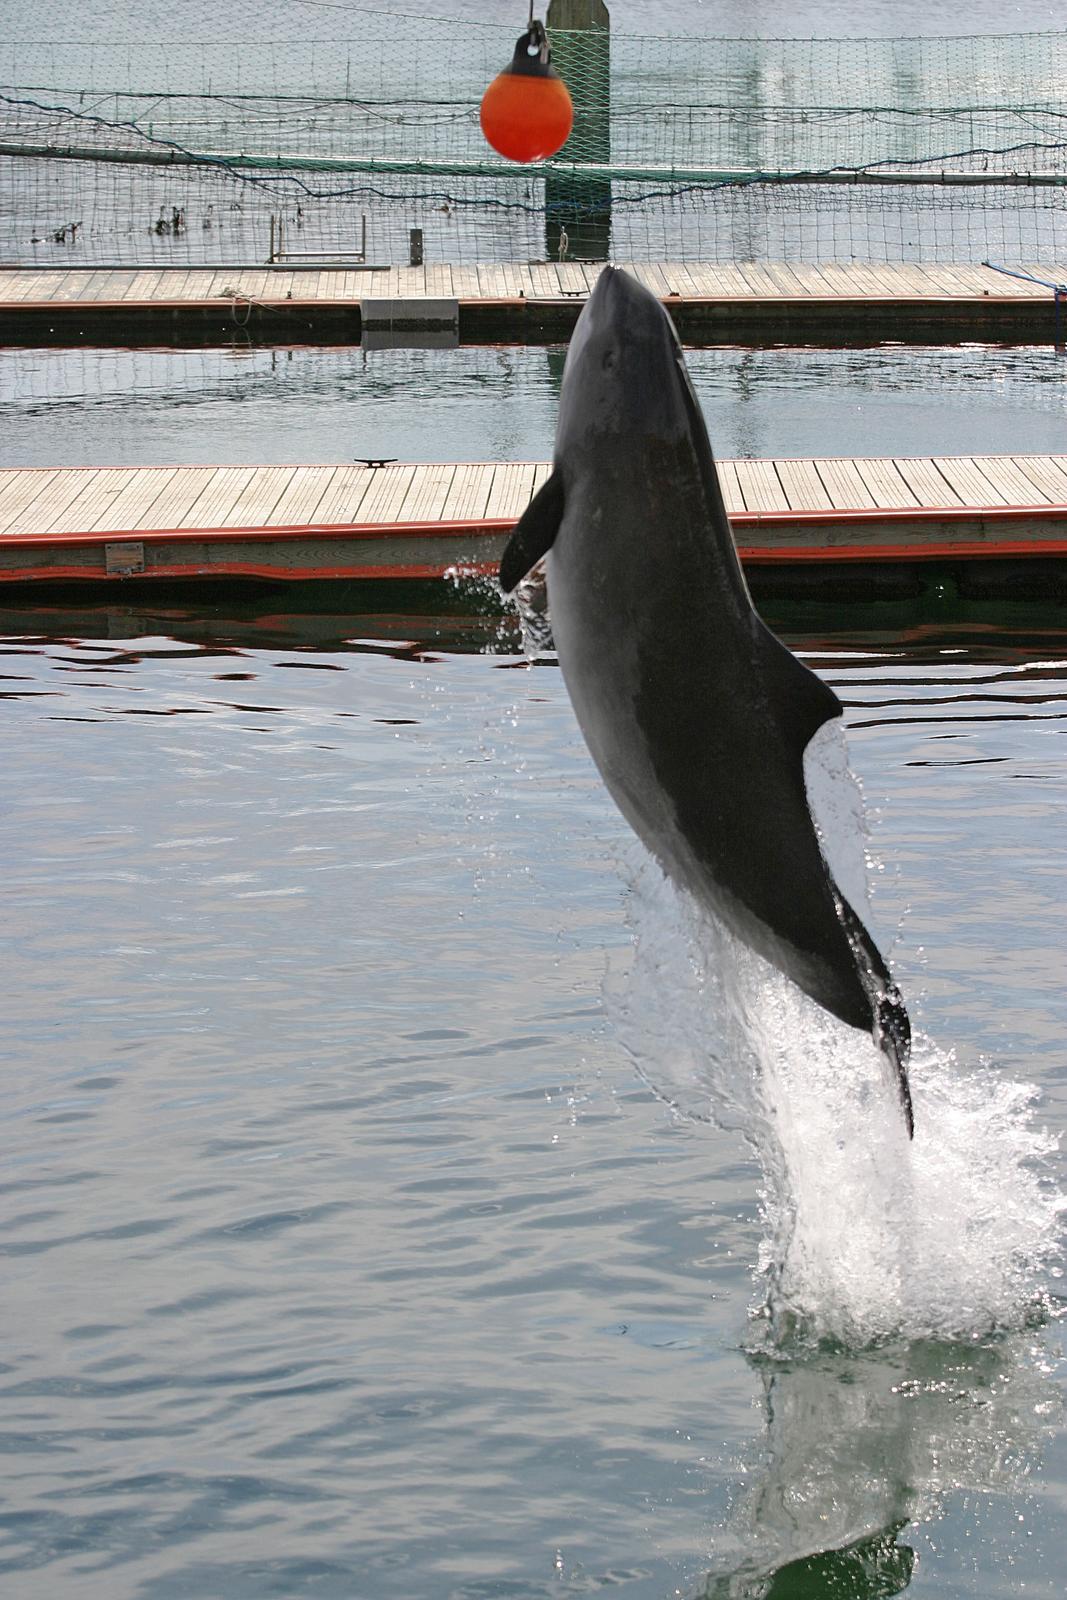 Fotografia przedstawia wyskakującego zwody morświna whodowli. Zwierzę ma smukłe grafitowe ciało. Usiłuje dosięgnąć czerwonej piłeczki, wiszącej nad zbiornikiem.